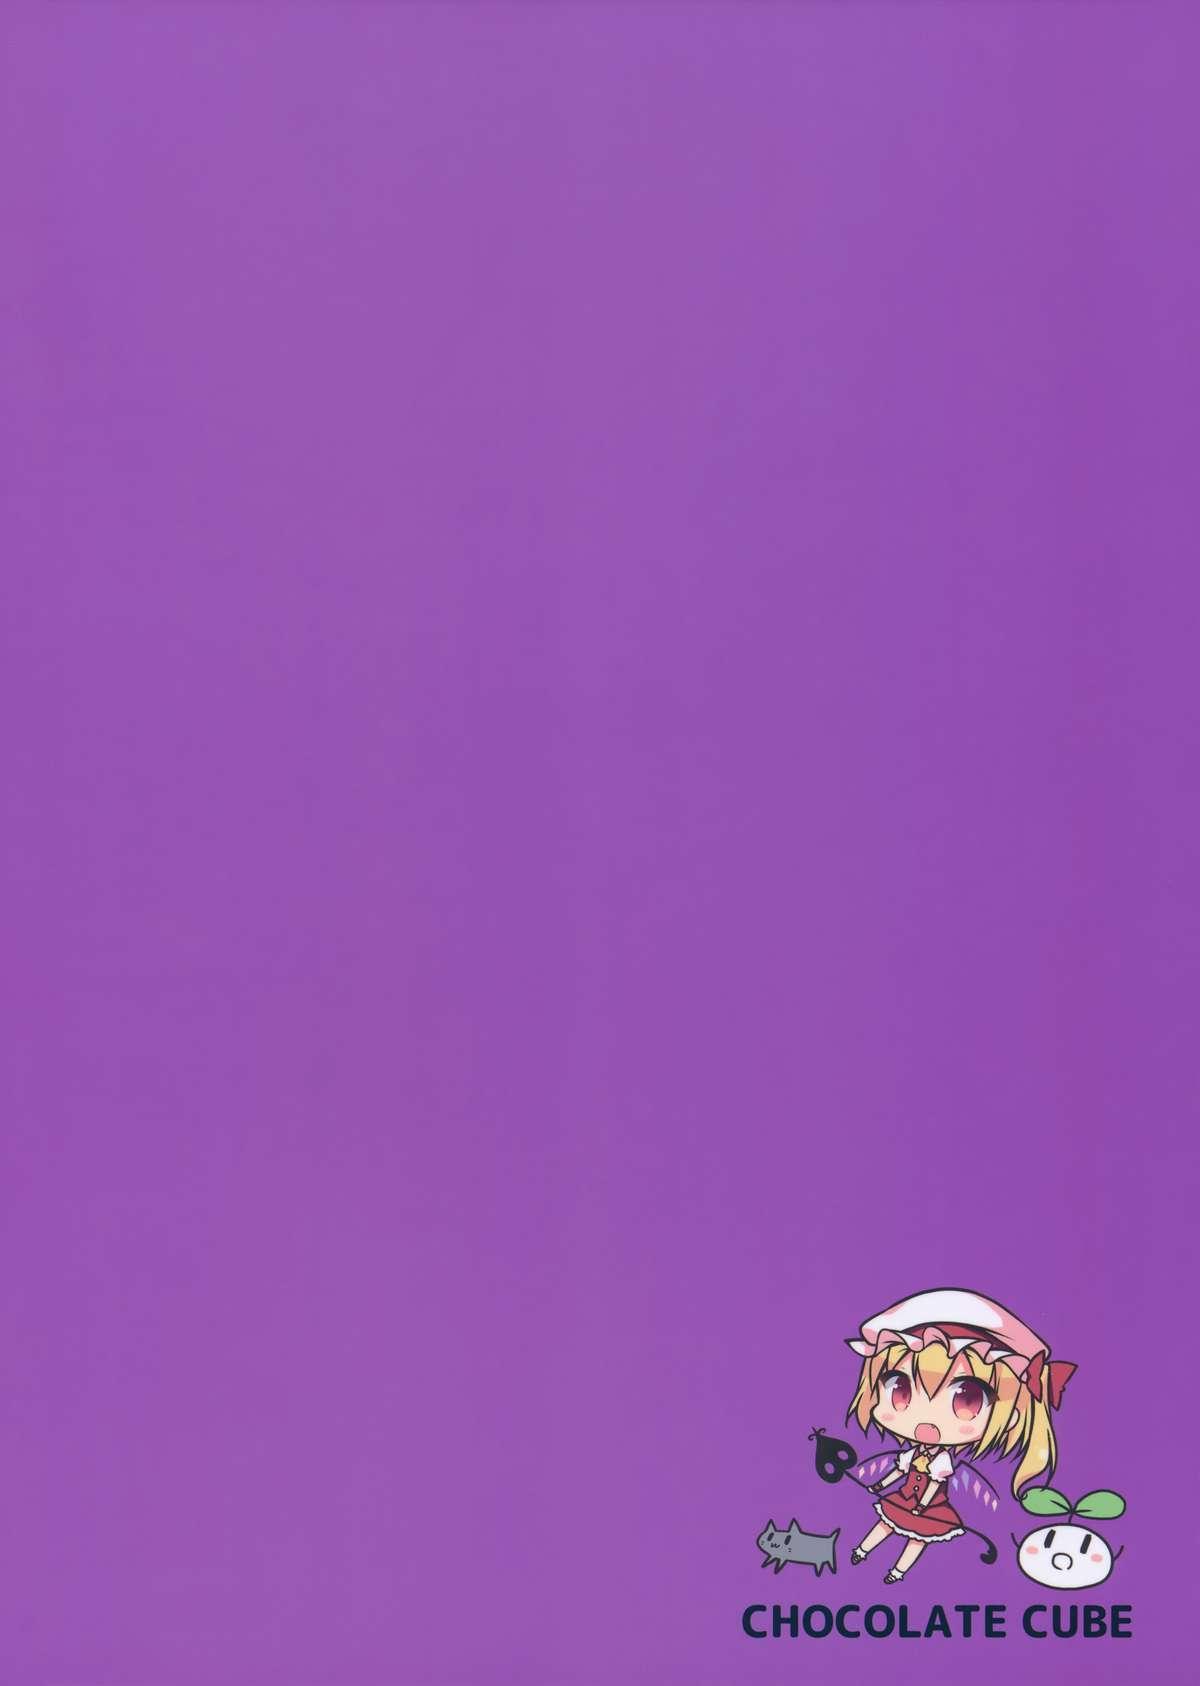 Flan-chan to Kekkon Kakko Kari 17